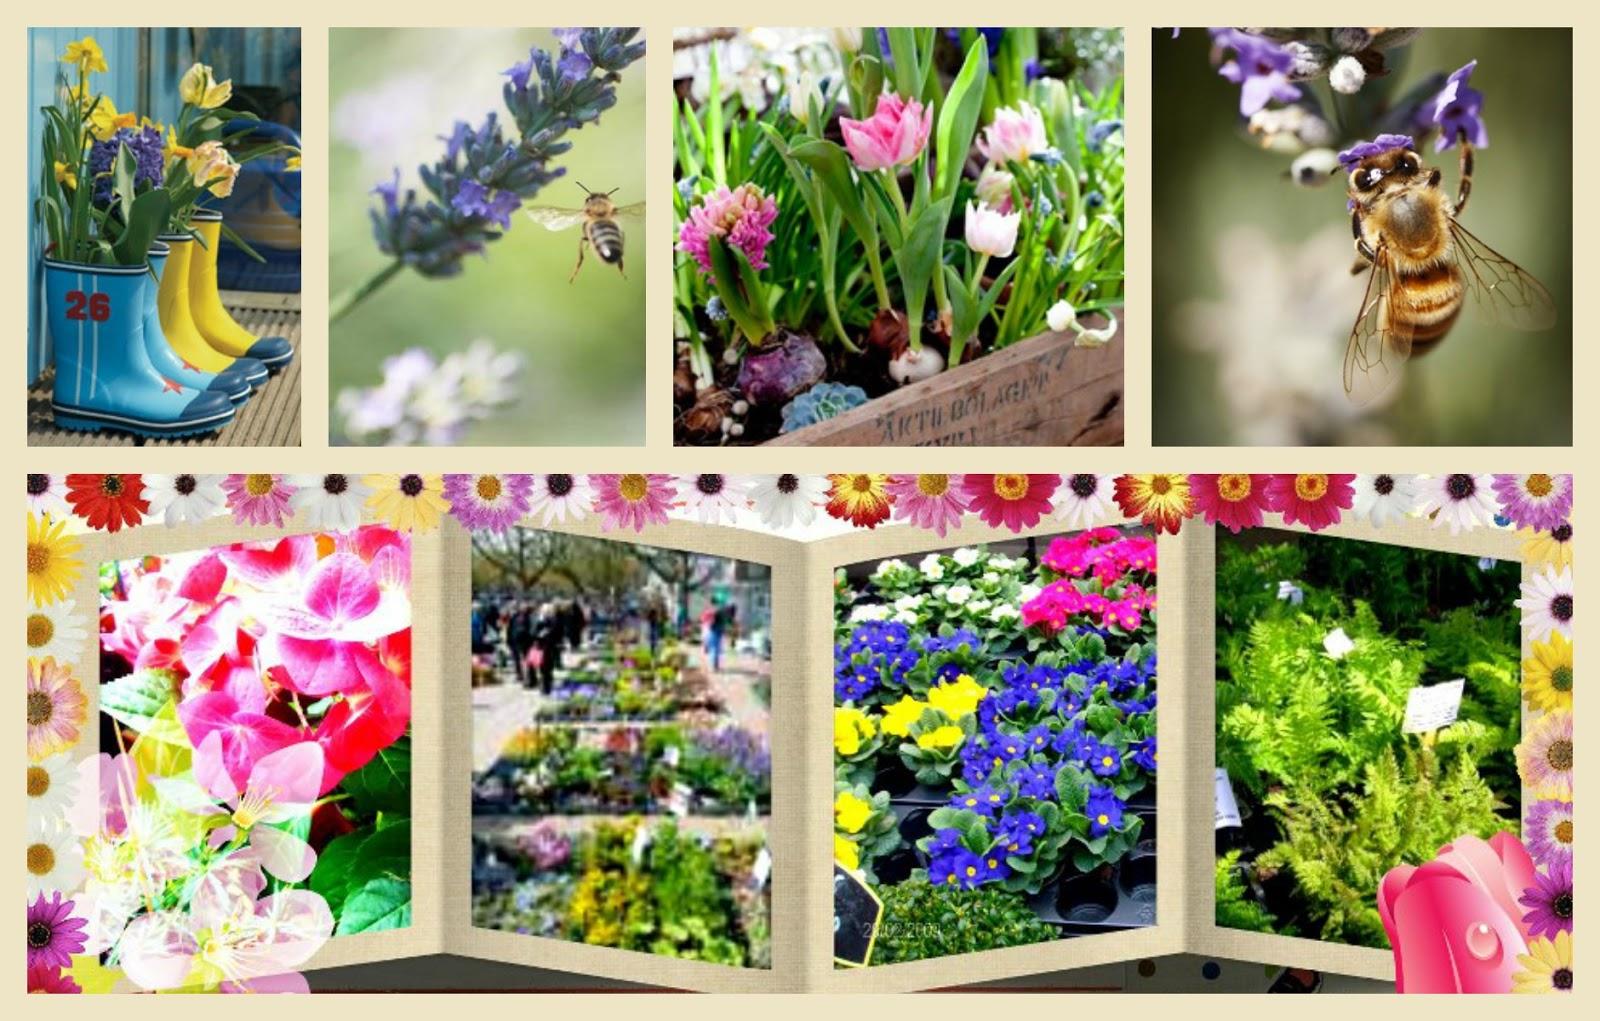 ✿⊱╮ AnMa ZiNe, een blog over alles wat groeit en bloeit: March 2013